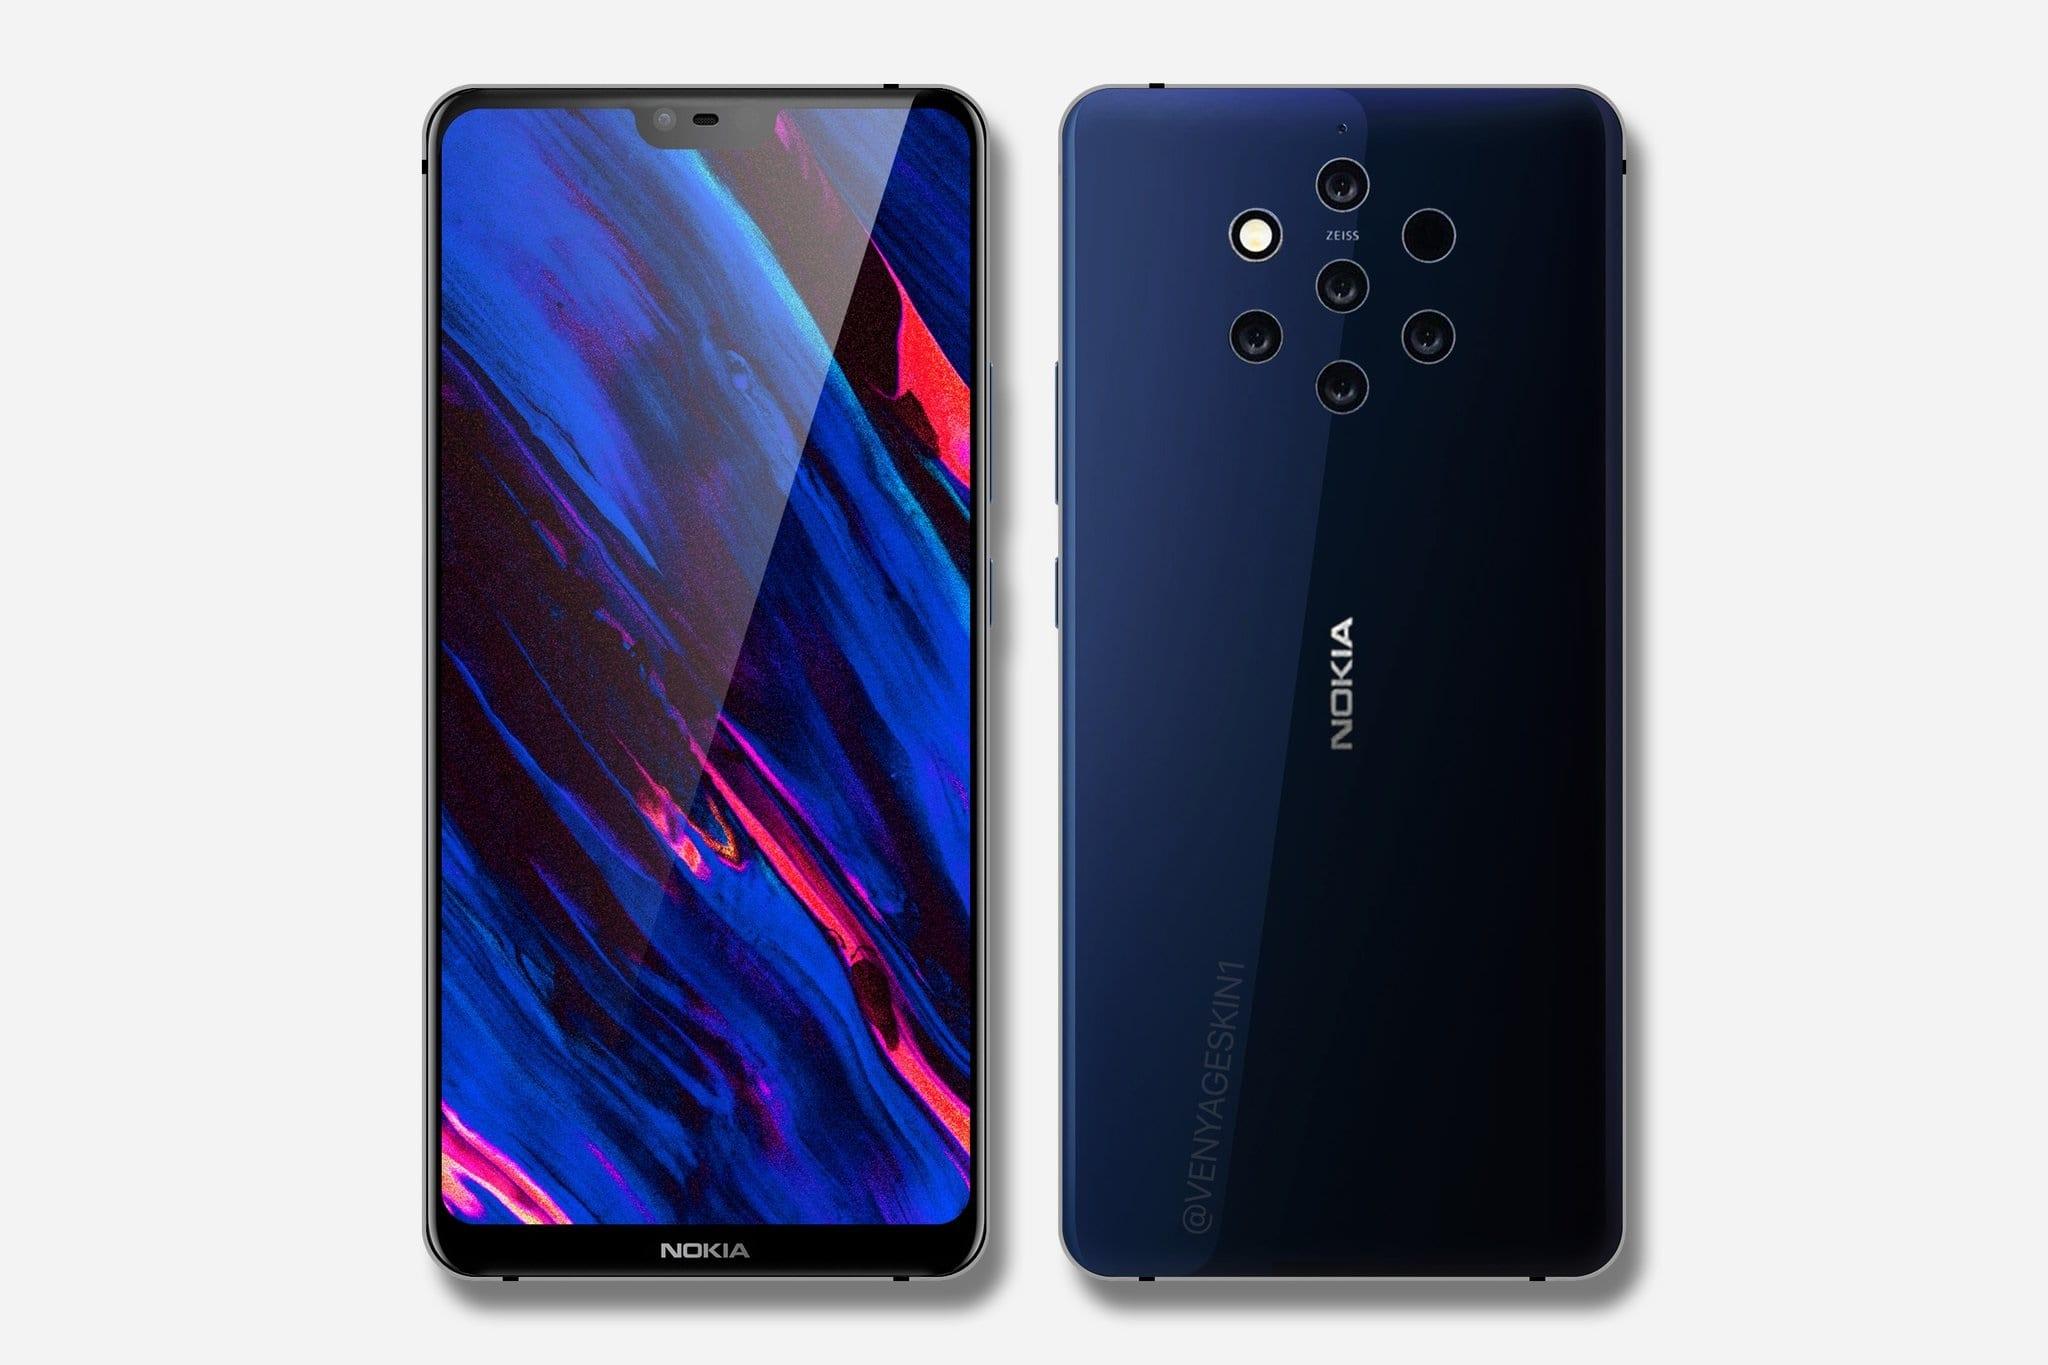 Nokia 9 2018 Penta-lens camera